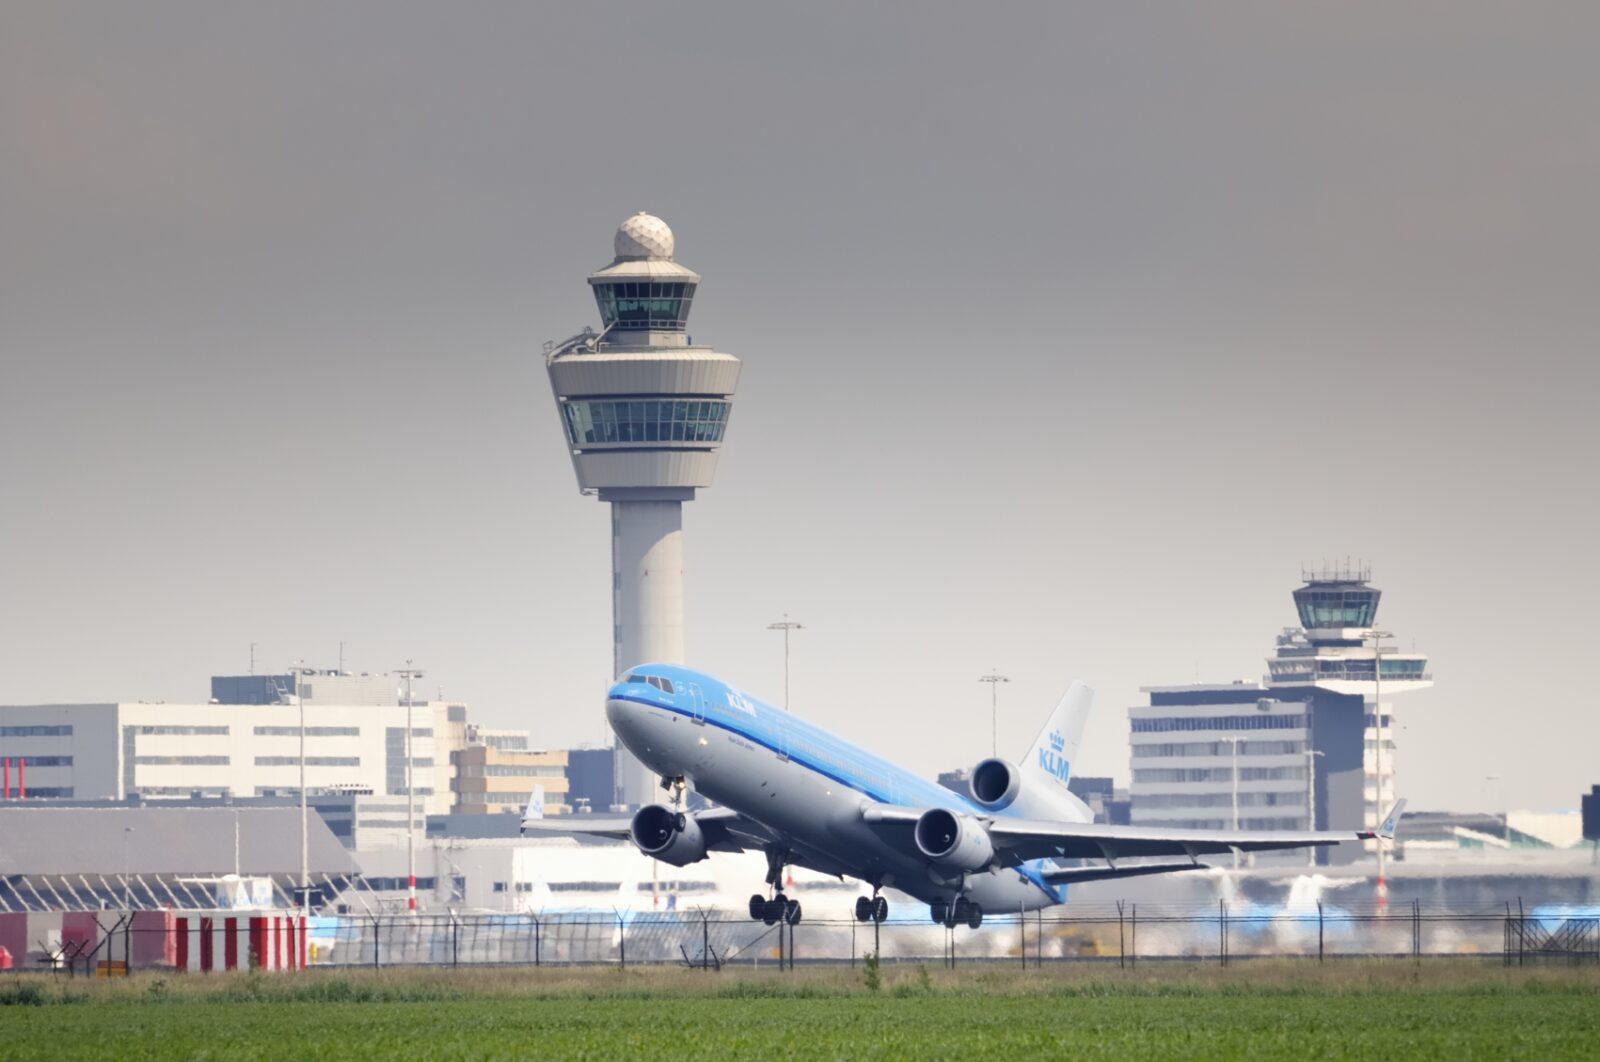 klm airplane takeoff